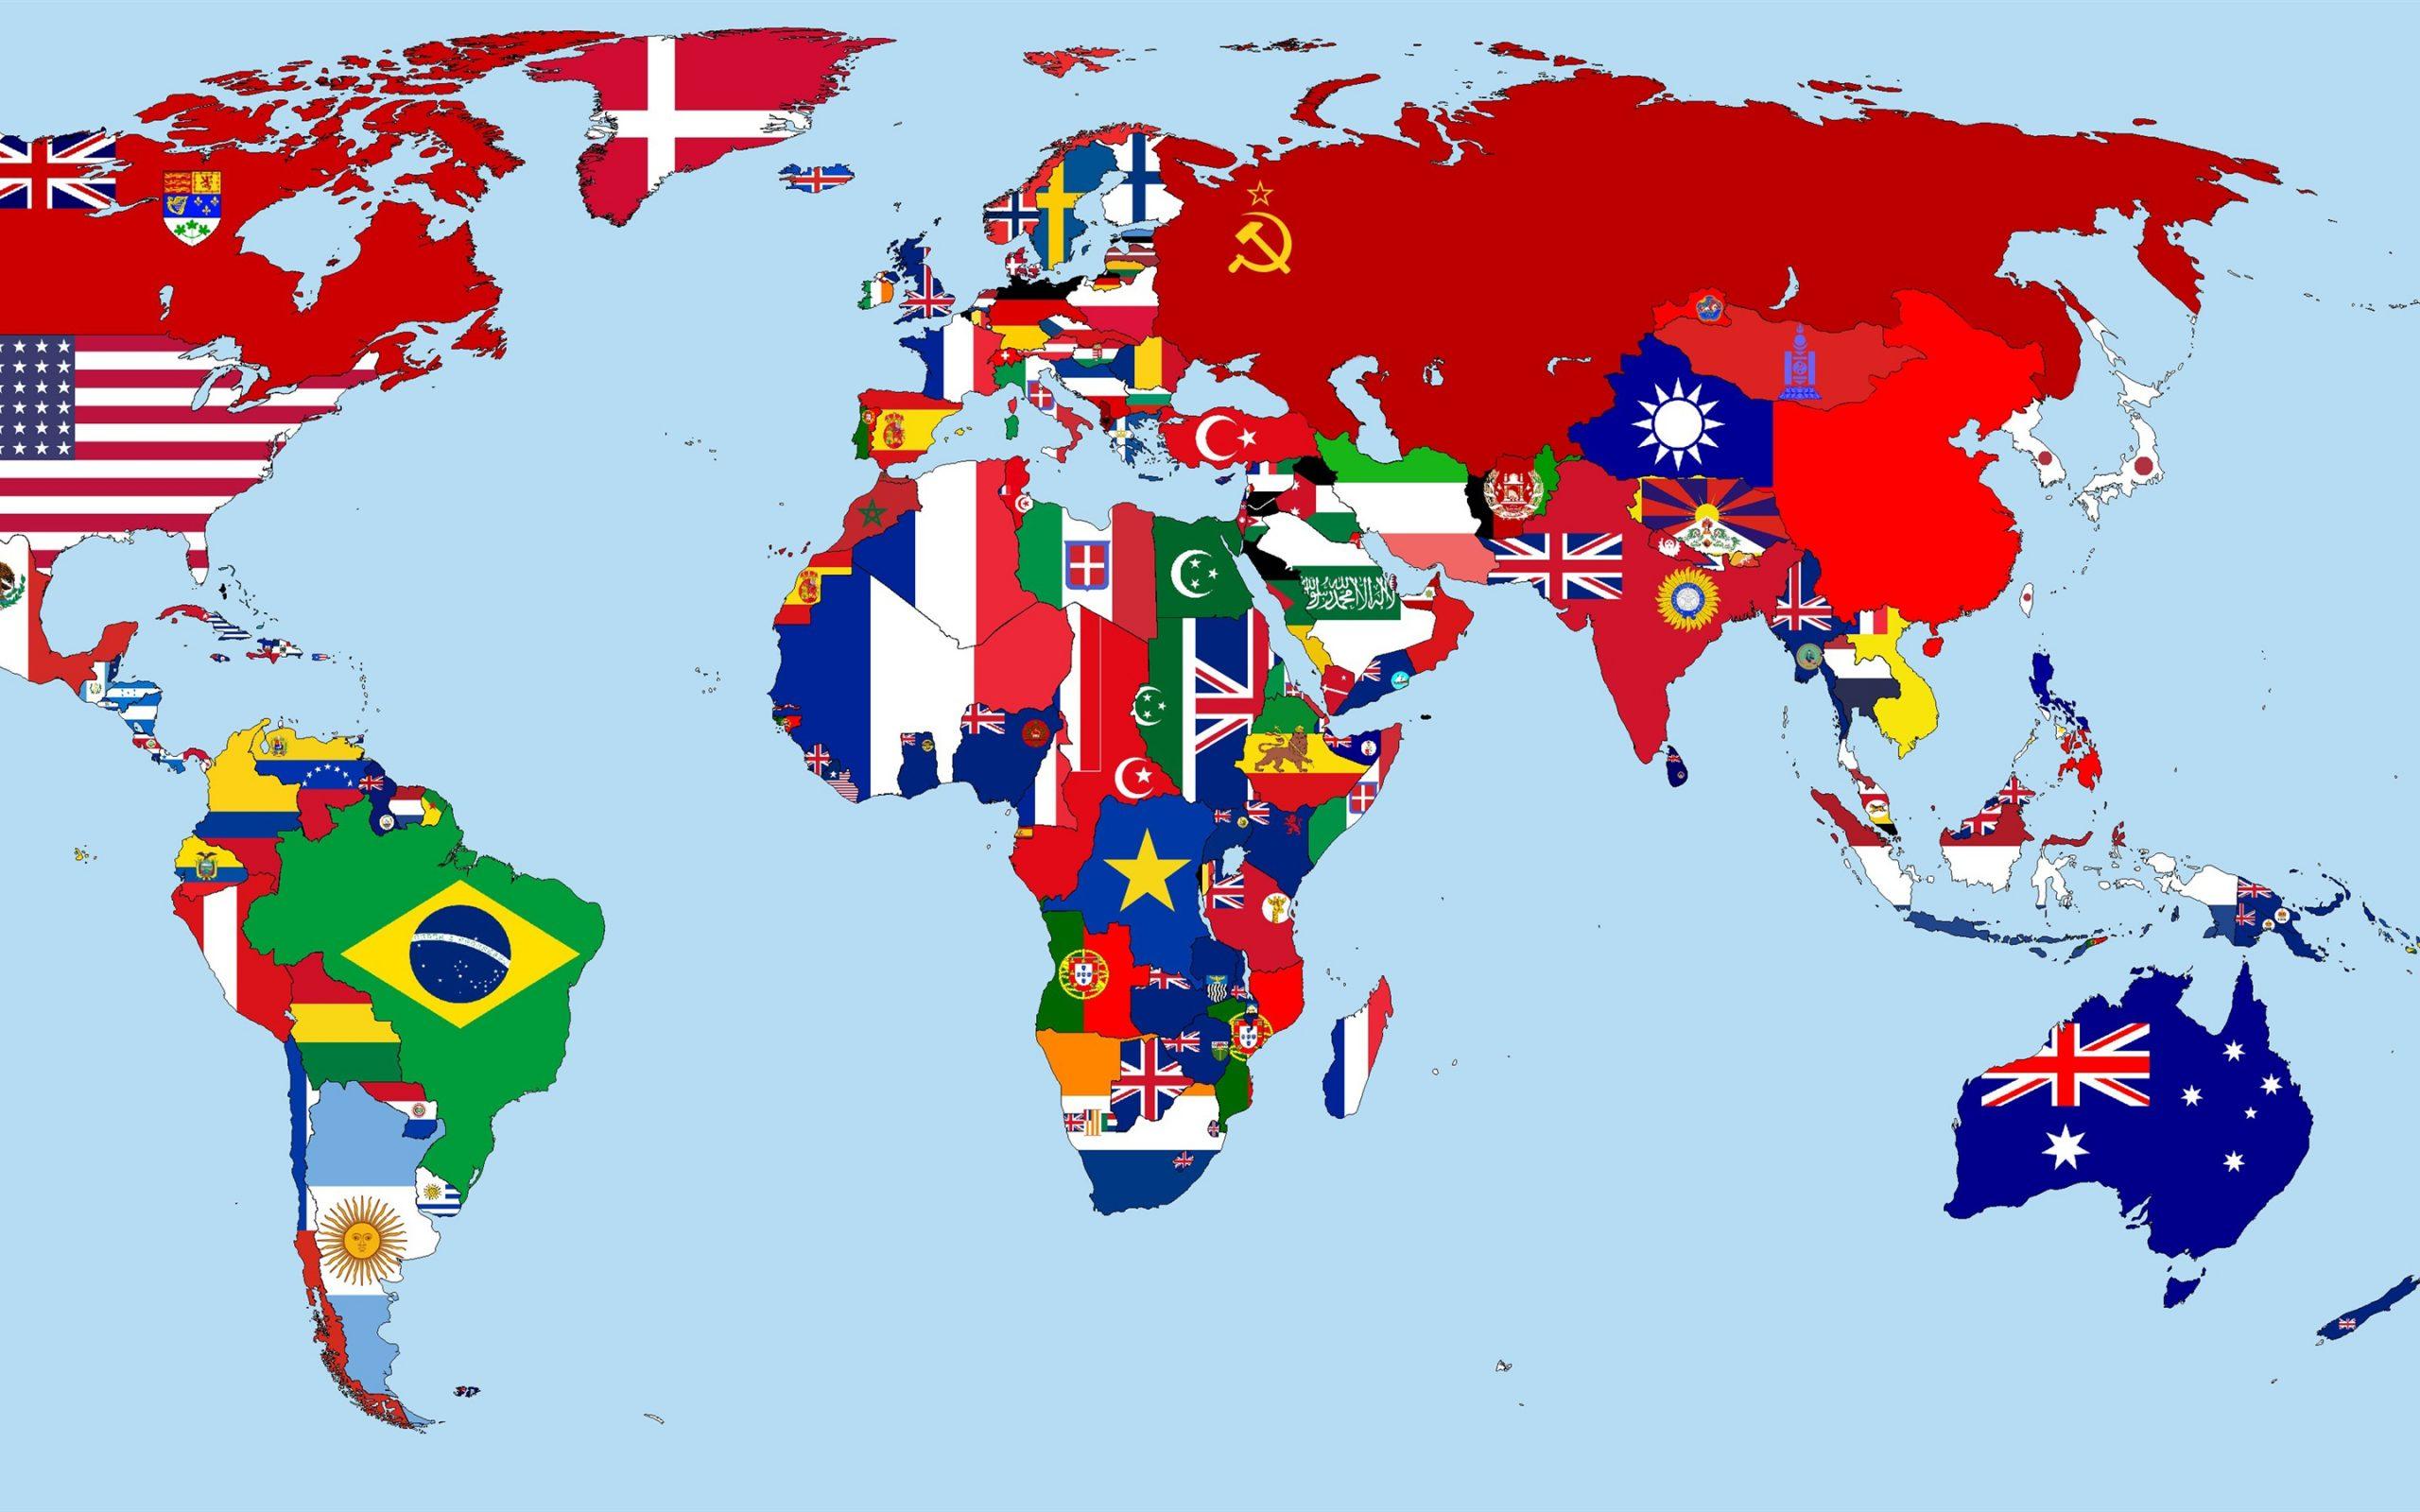 Weltkarte Im Jahre 1930, Flaggen, Länder 3840X2160 Uhd 4K für Weltkarte Mit Flaggen